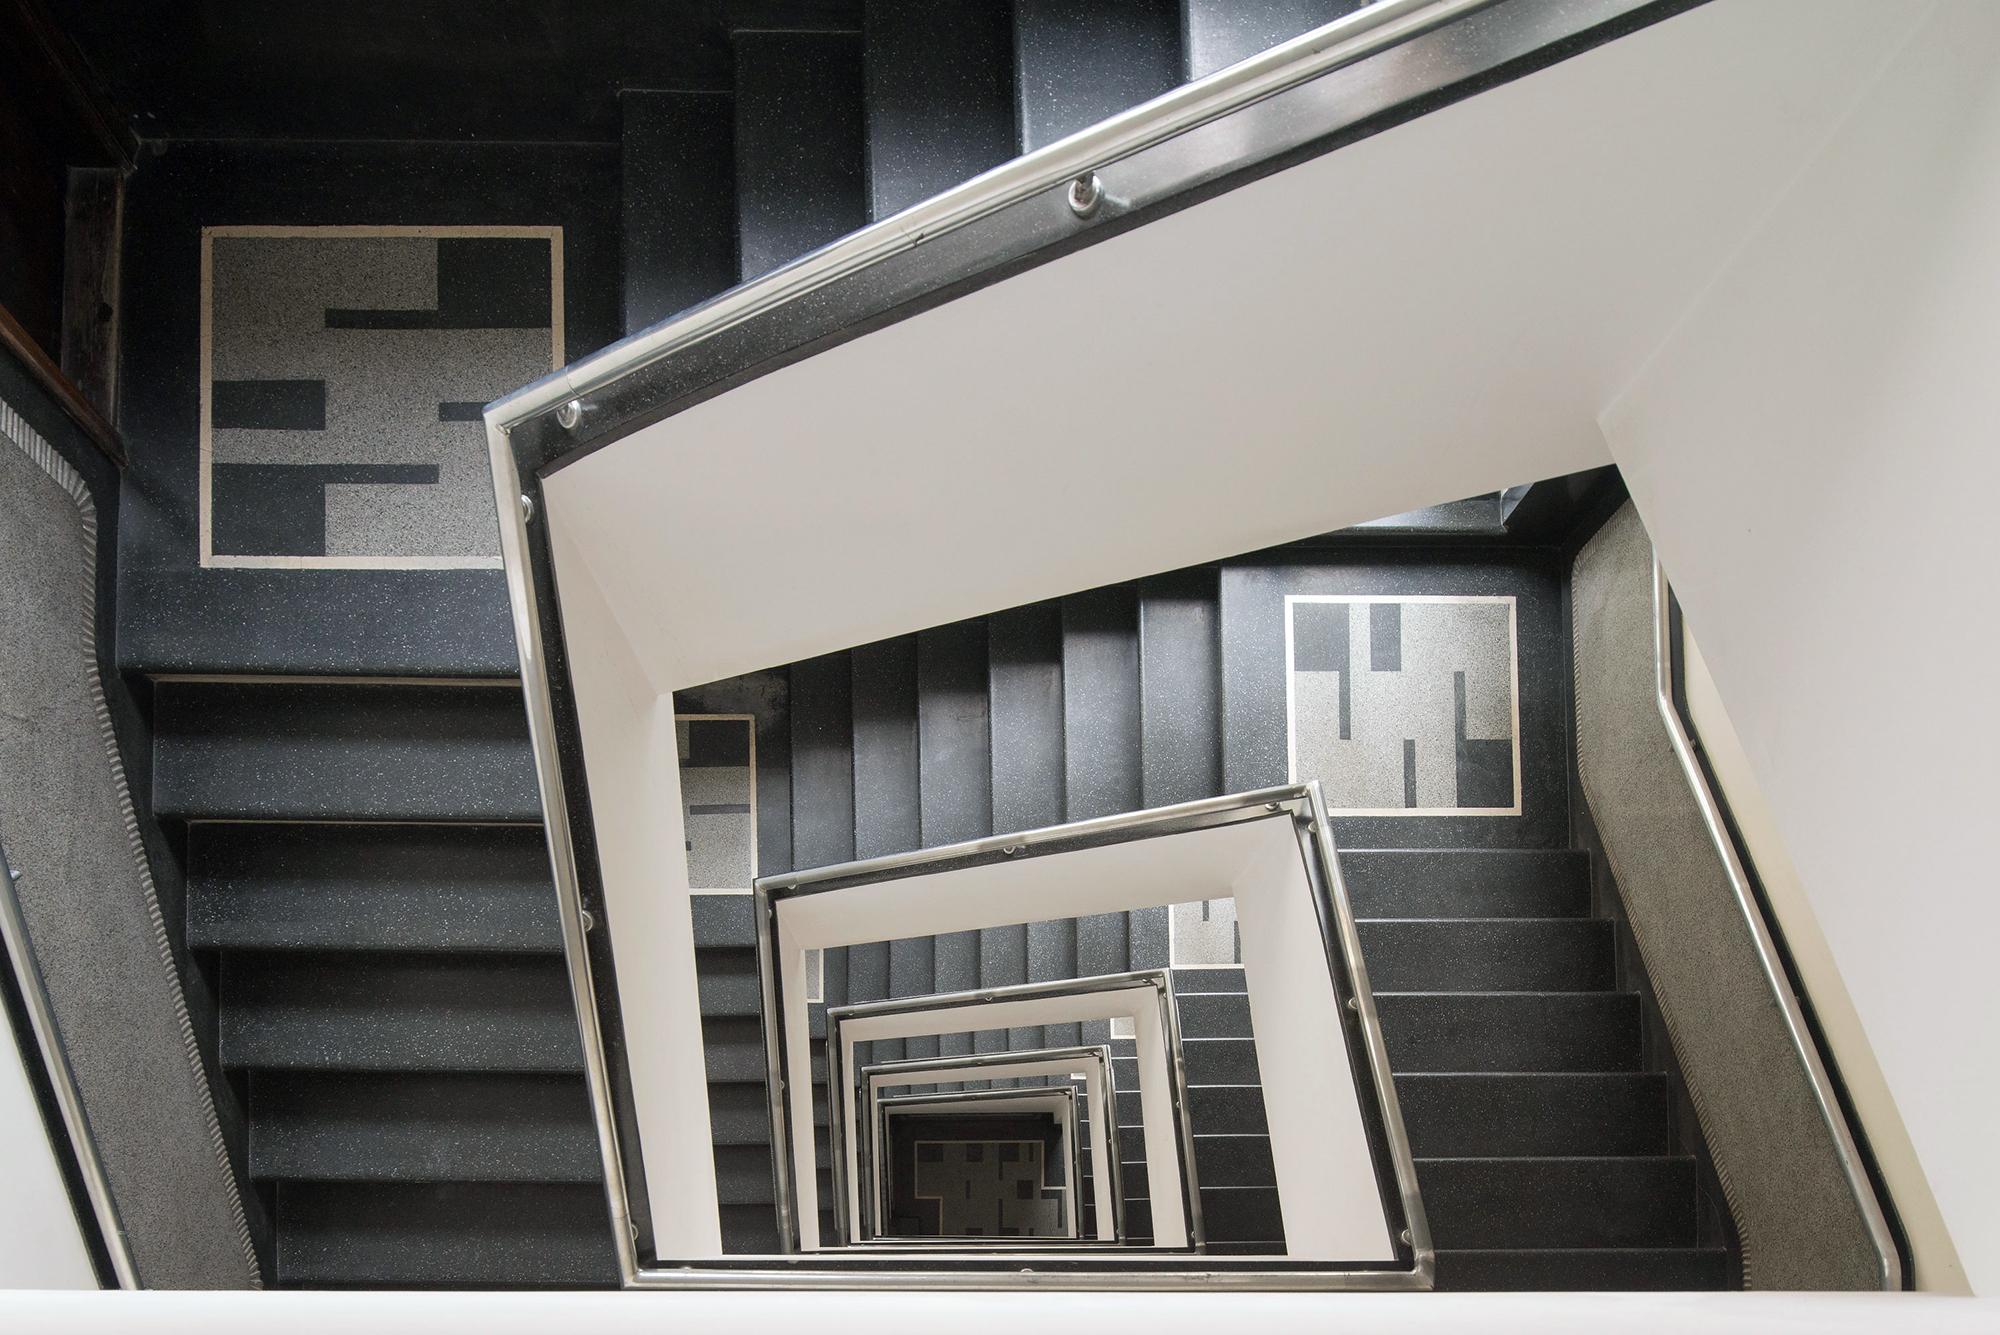 Dusza klatki schodowej w kamienicy przy ul. Abrahama 28